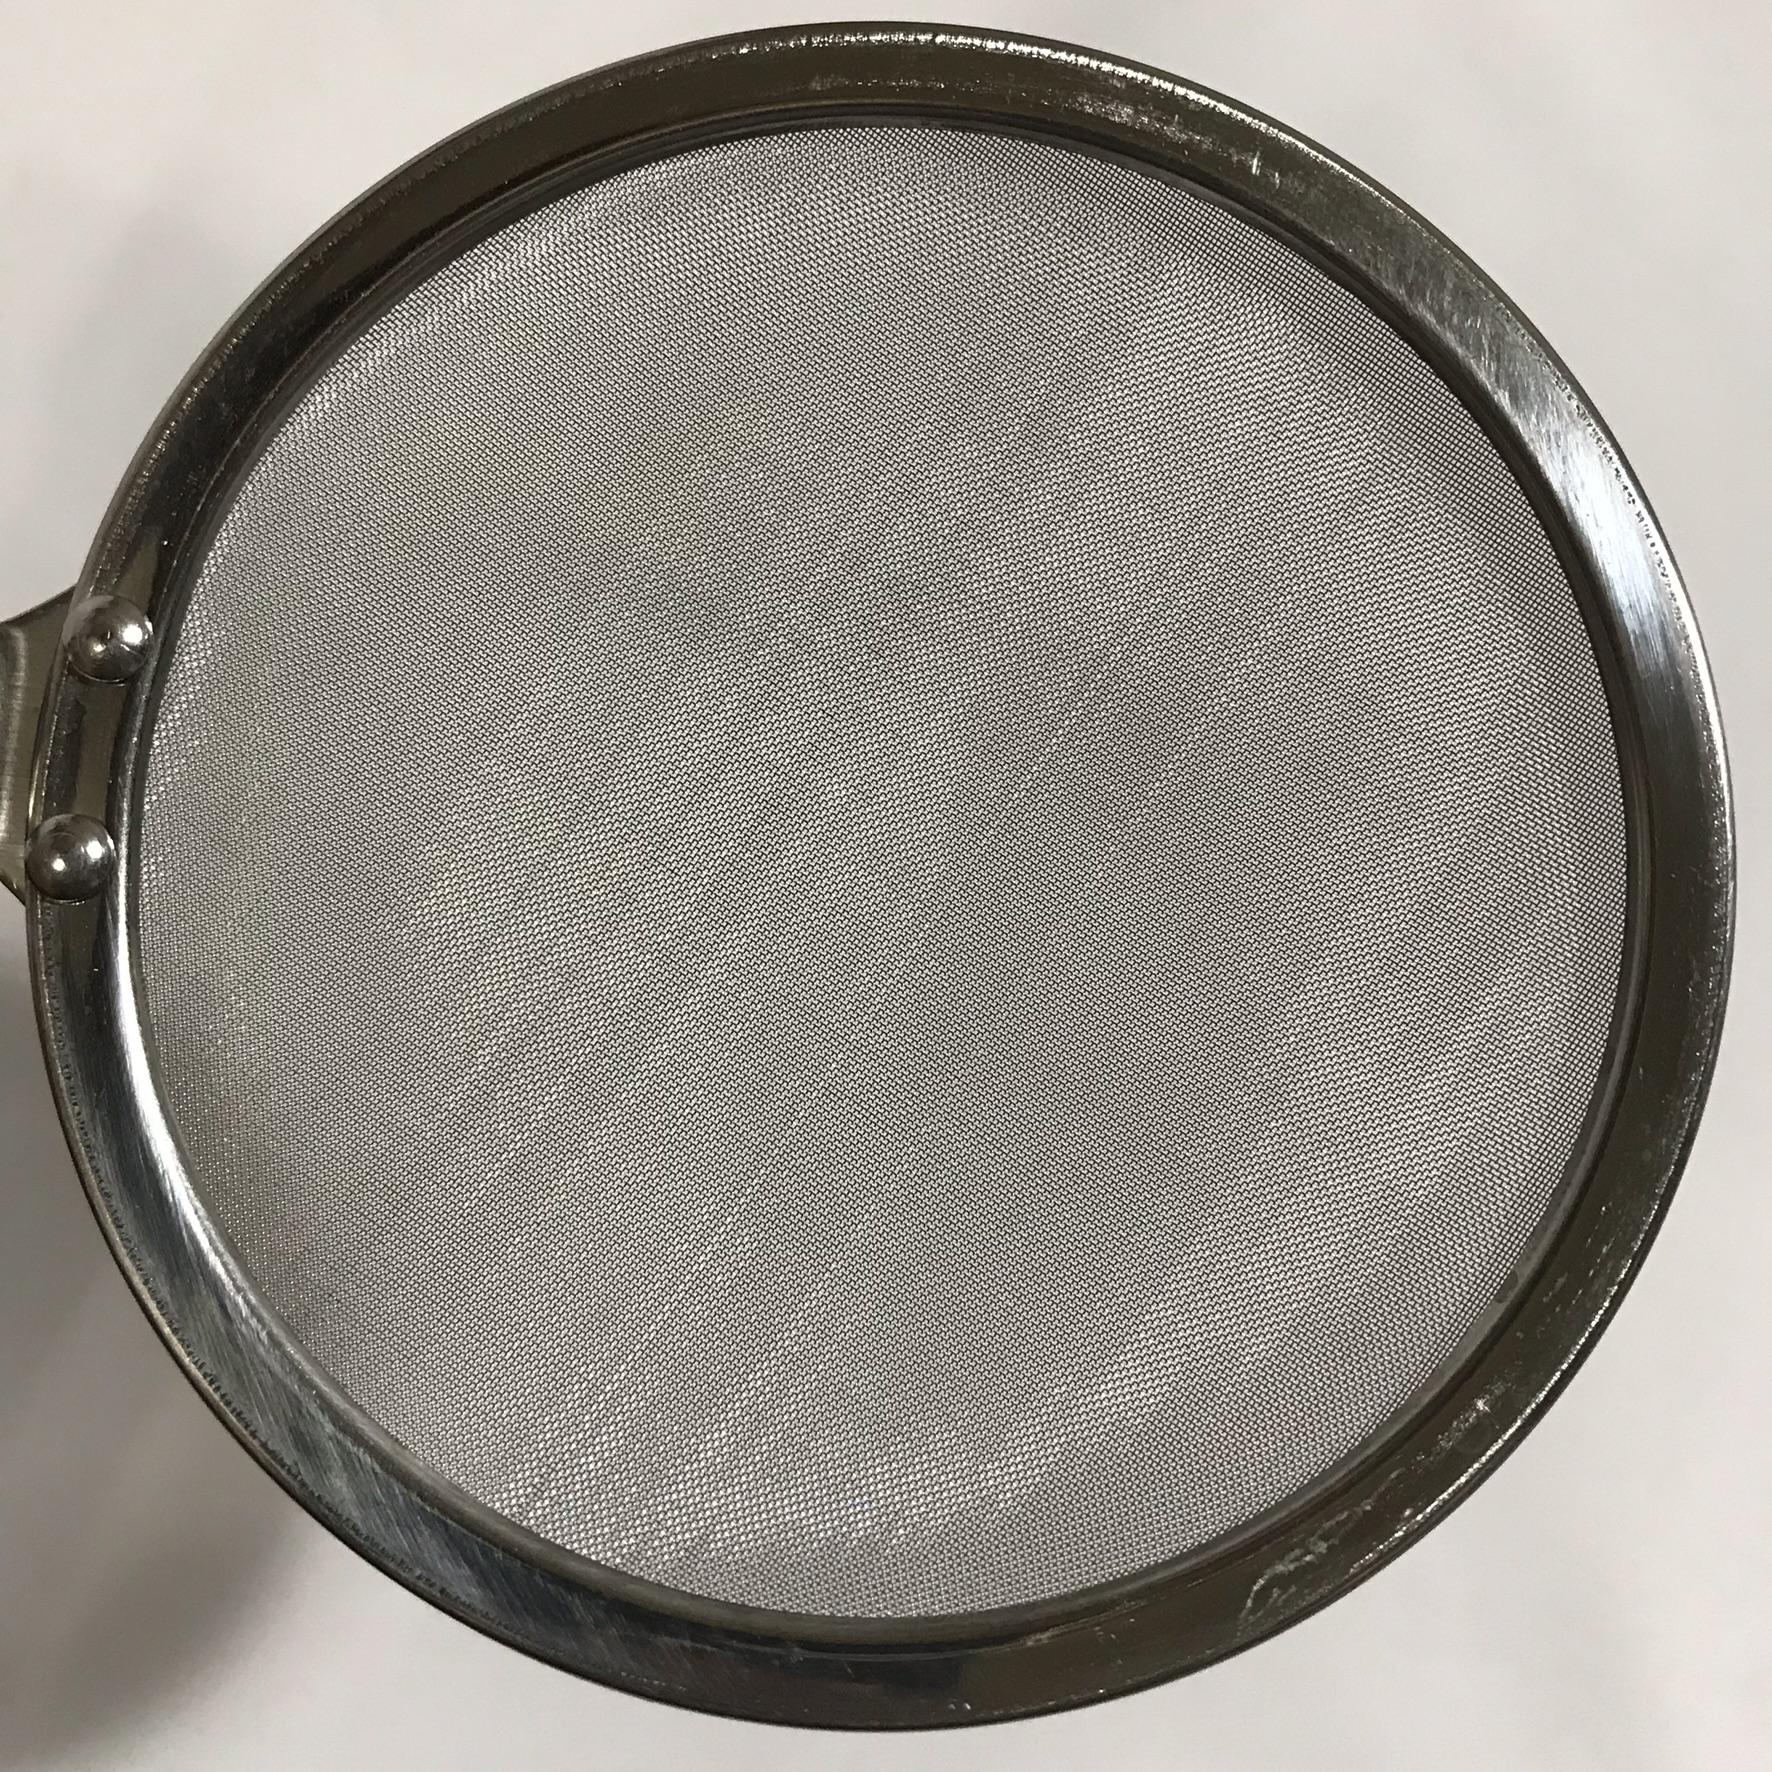 油切網撈勺 全304食品級不鏽鋼製極細濾網有效過濾油、細渣 火鍋湯勺 湯匙 湯杓